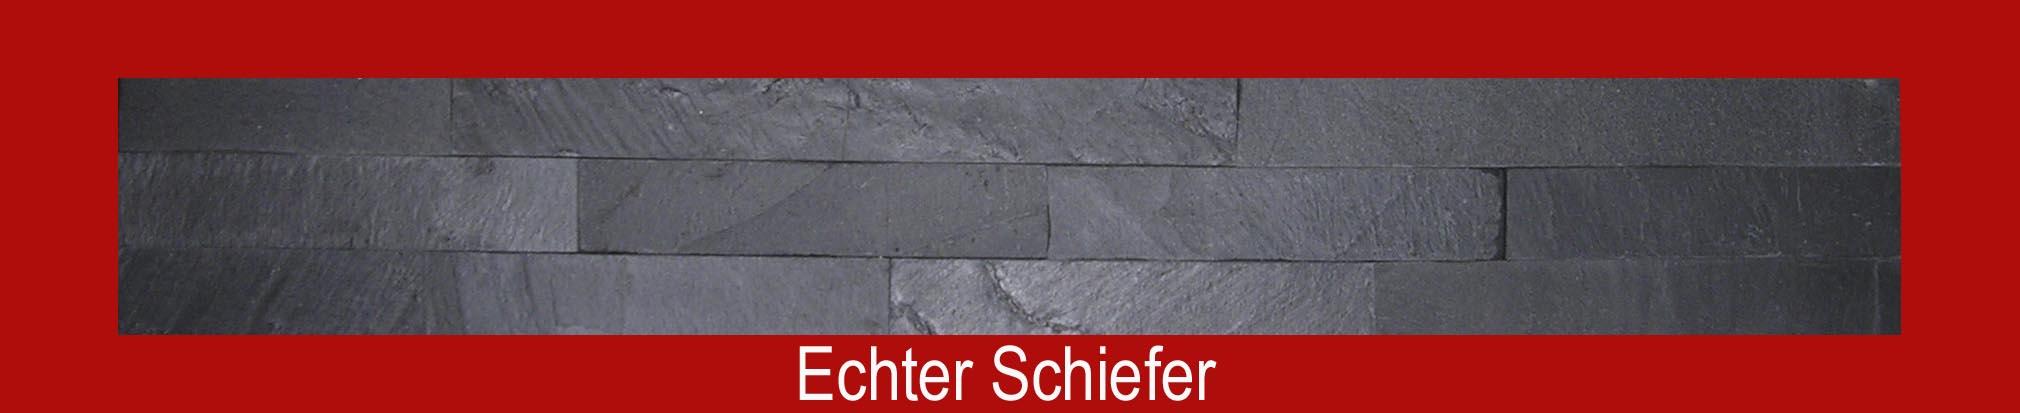 Natursteinriemchen-Schiefer-Verblender-Riemchen-Natursteinverblender-verpackt